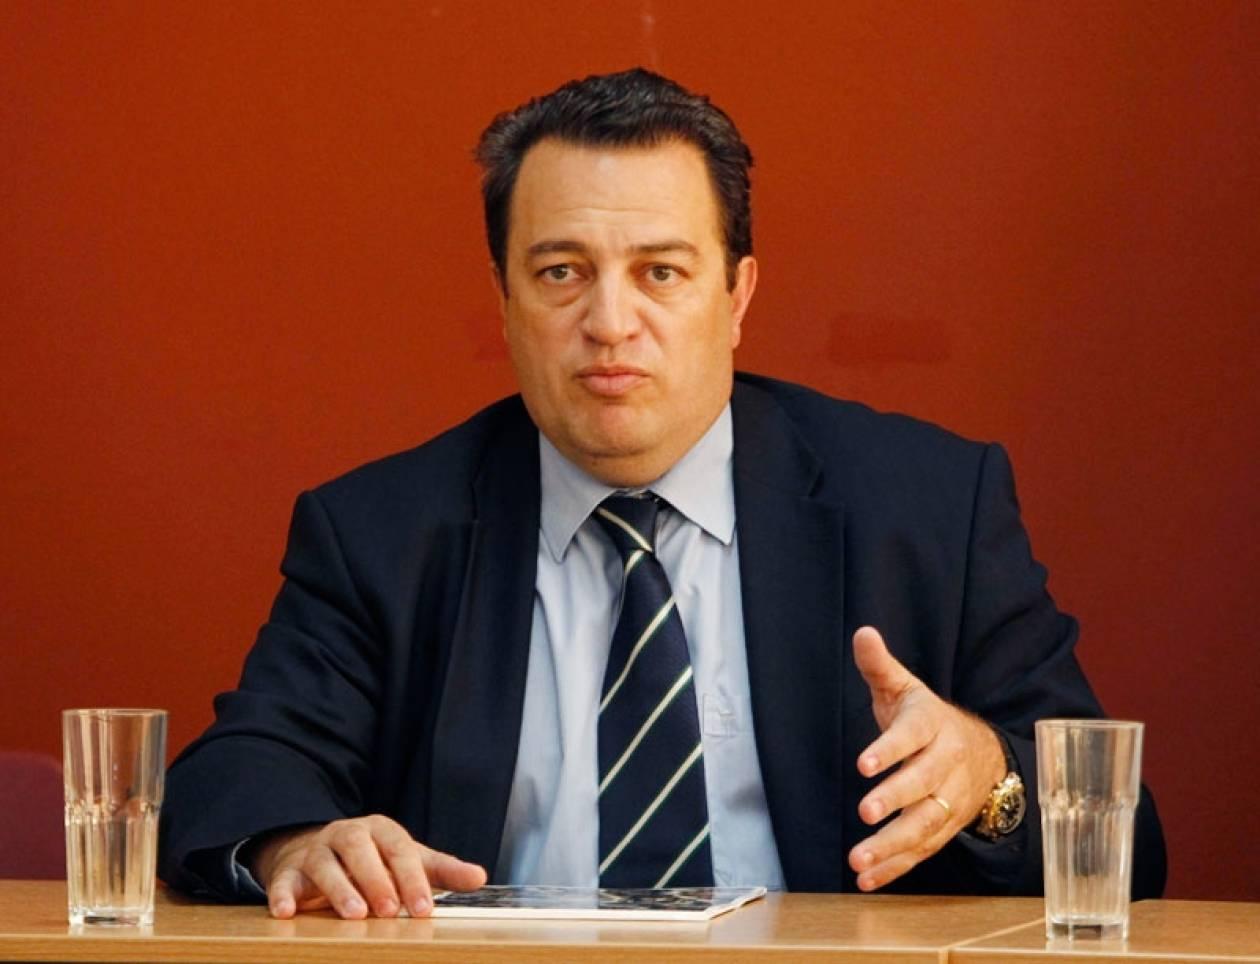 Στυλιανίδης: Επιχορηγήσεις ύψους 7,4 εκατ. στις περιφέρειες